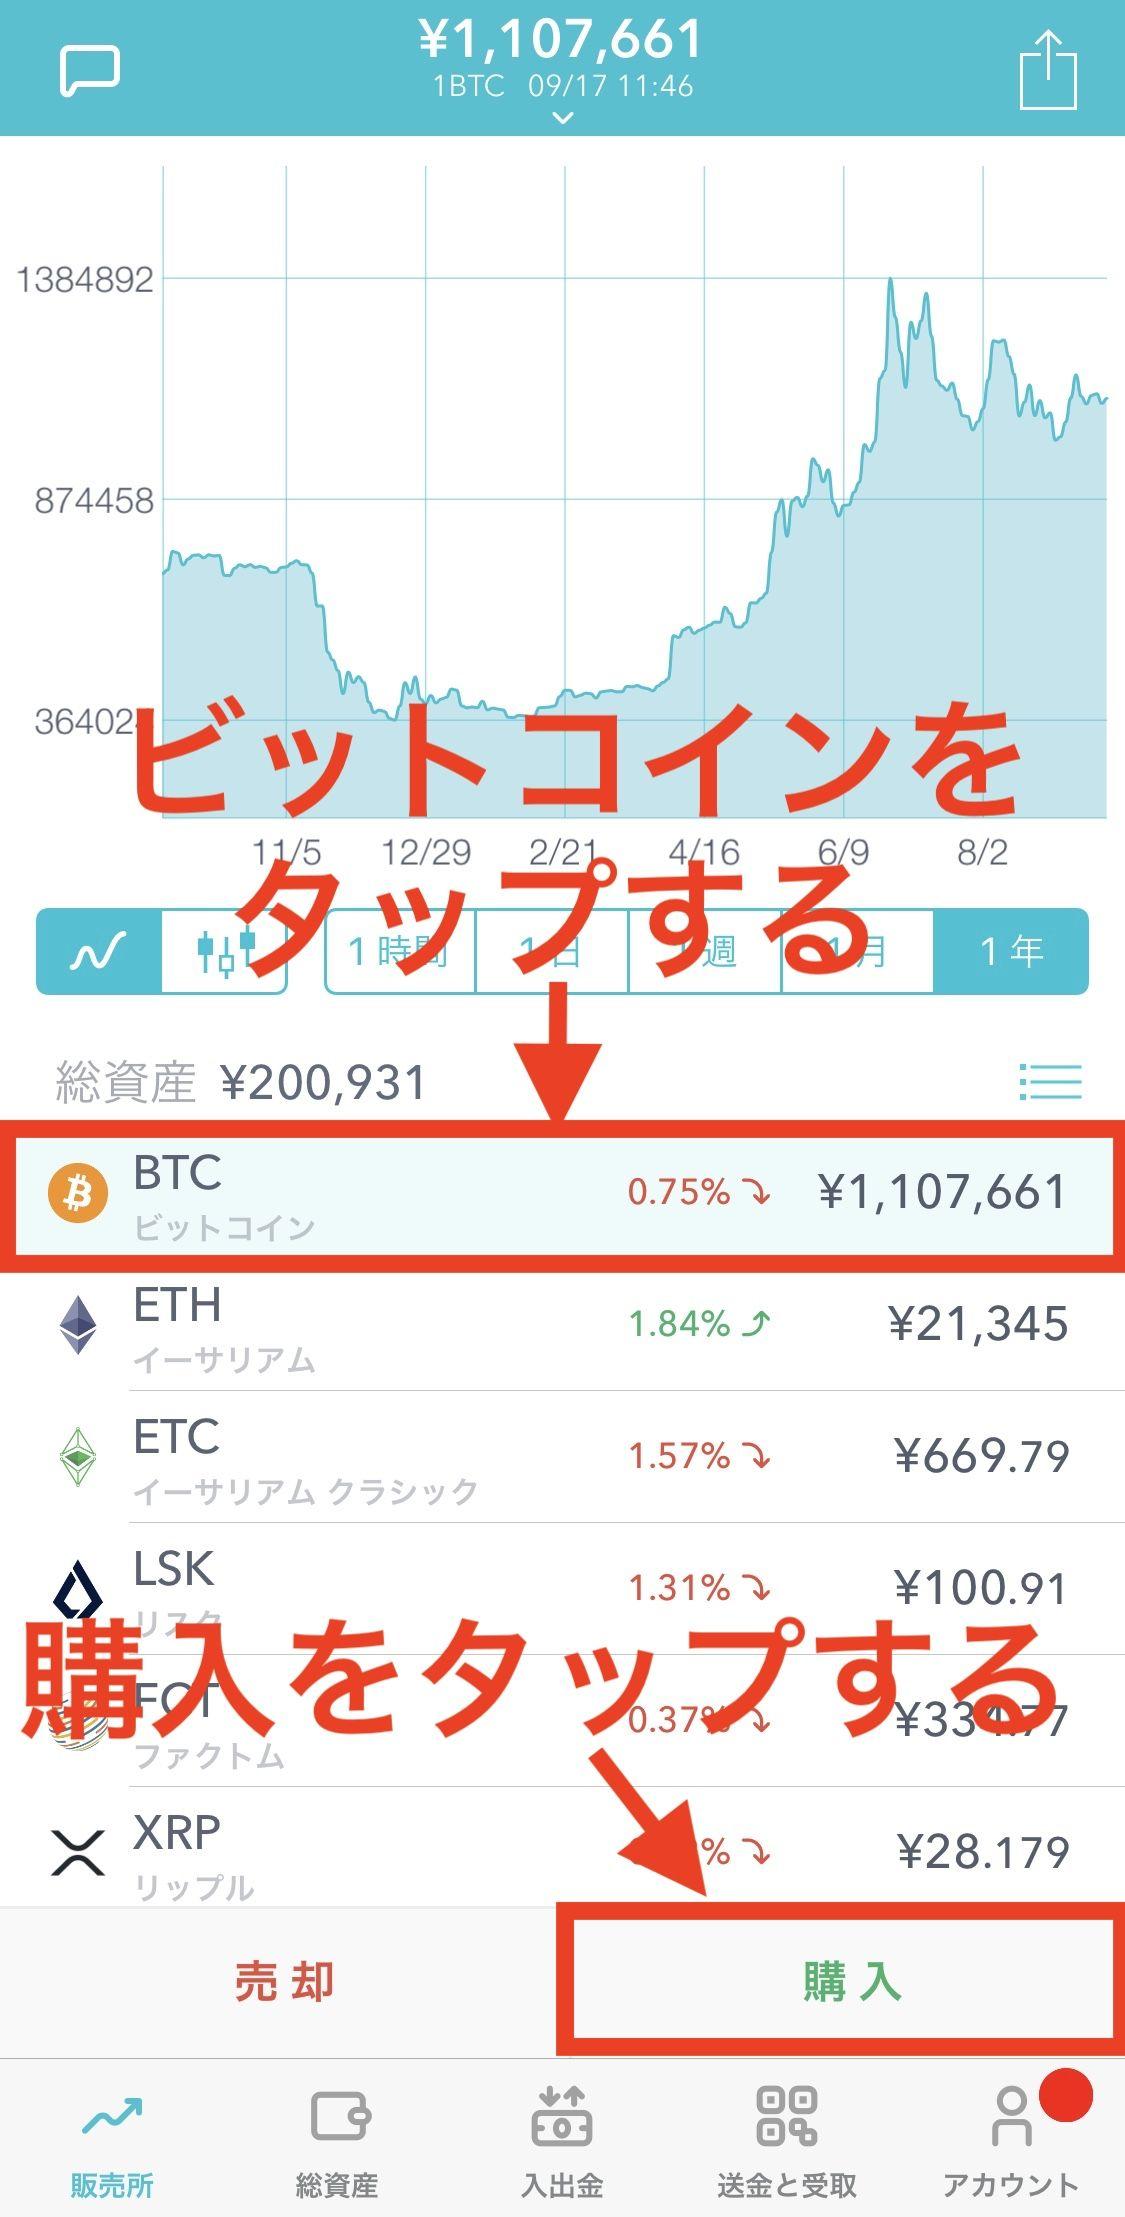 ビットコイン 10万円分 買いたい